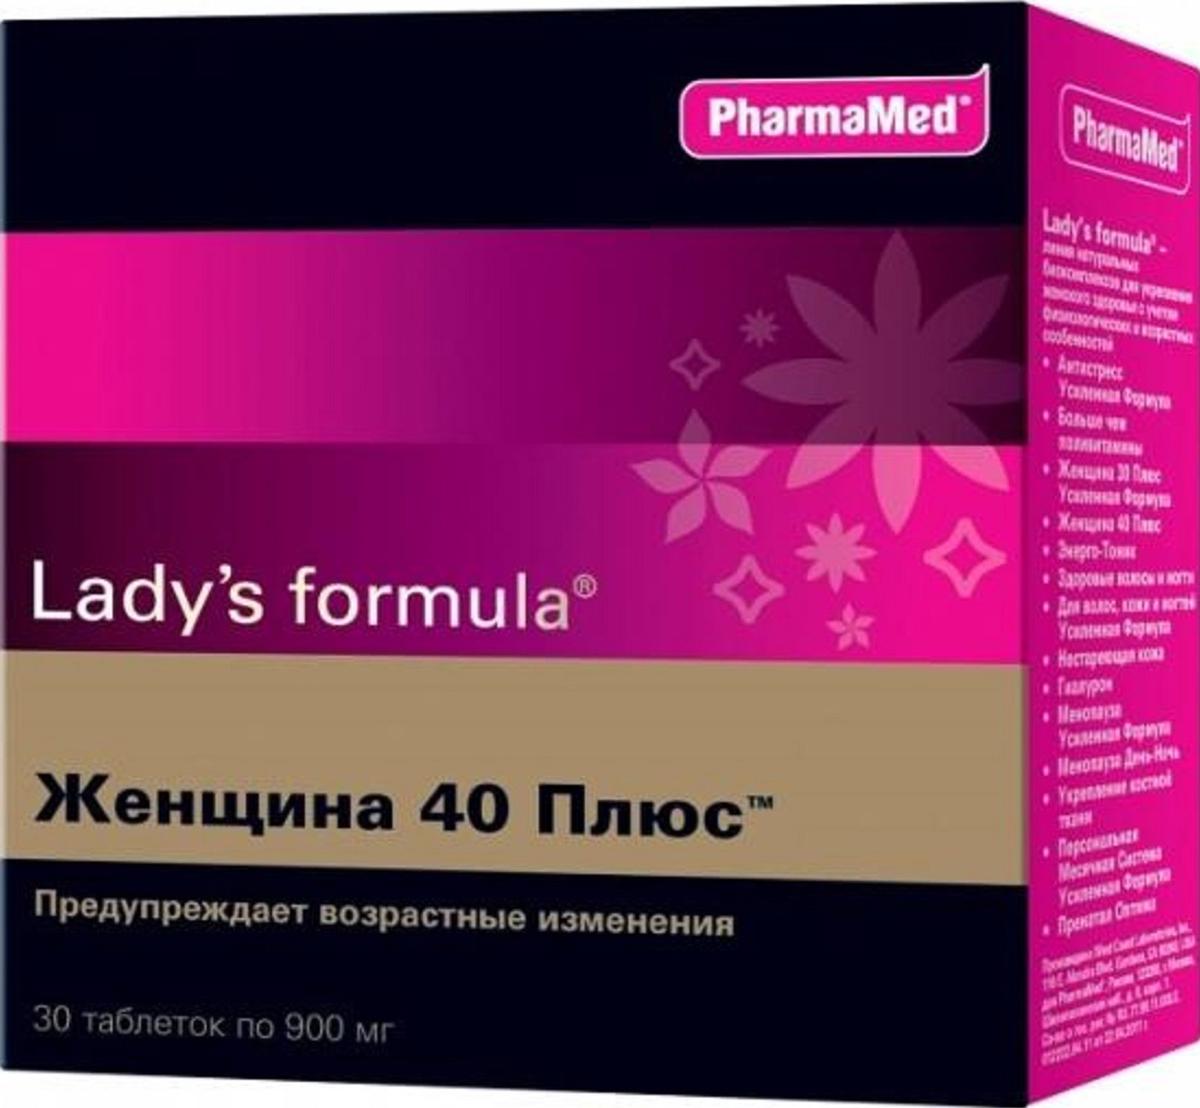 Леди-С Формула Женщина 40 плюс таблетки №30210232Натуральный биокомплекс с экстрактами лекарственных растений для предупреждения возрастных изменений Сфера применения: ВитаминологияПротивоклимактерическое